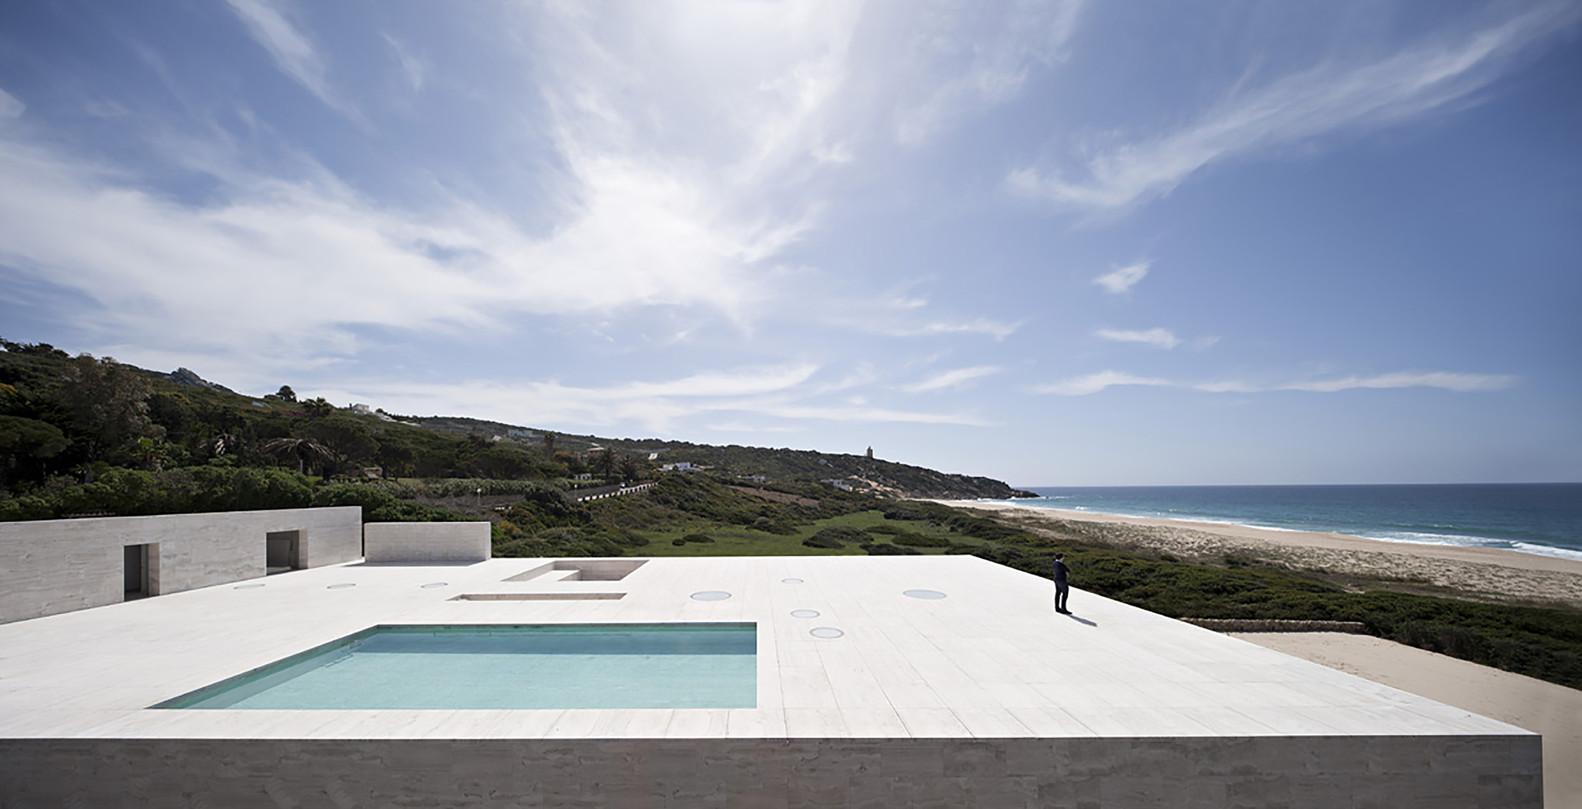 """18 3 - """"Casa del infinito"""": Horizonte espectacular de cielo y mar en Zahara de los Atunes (Cádiz)"""